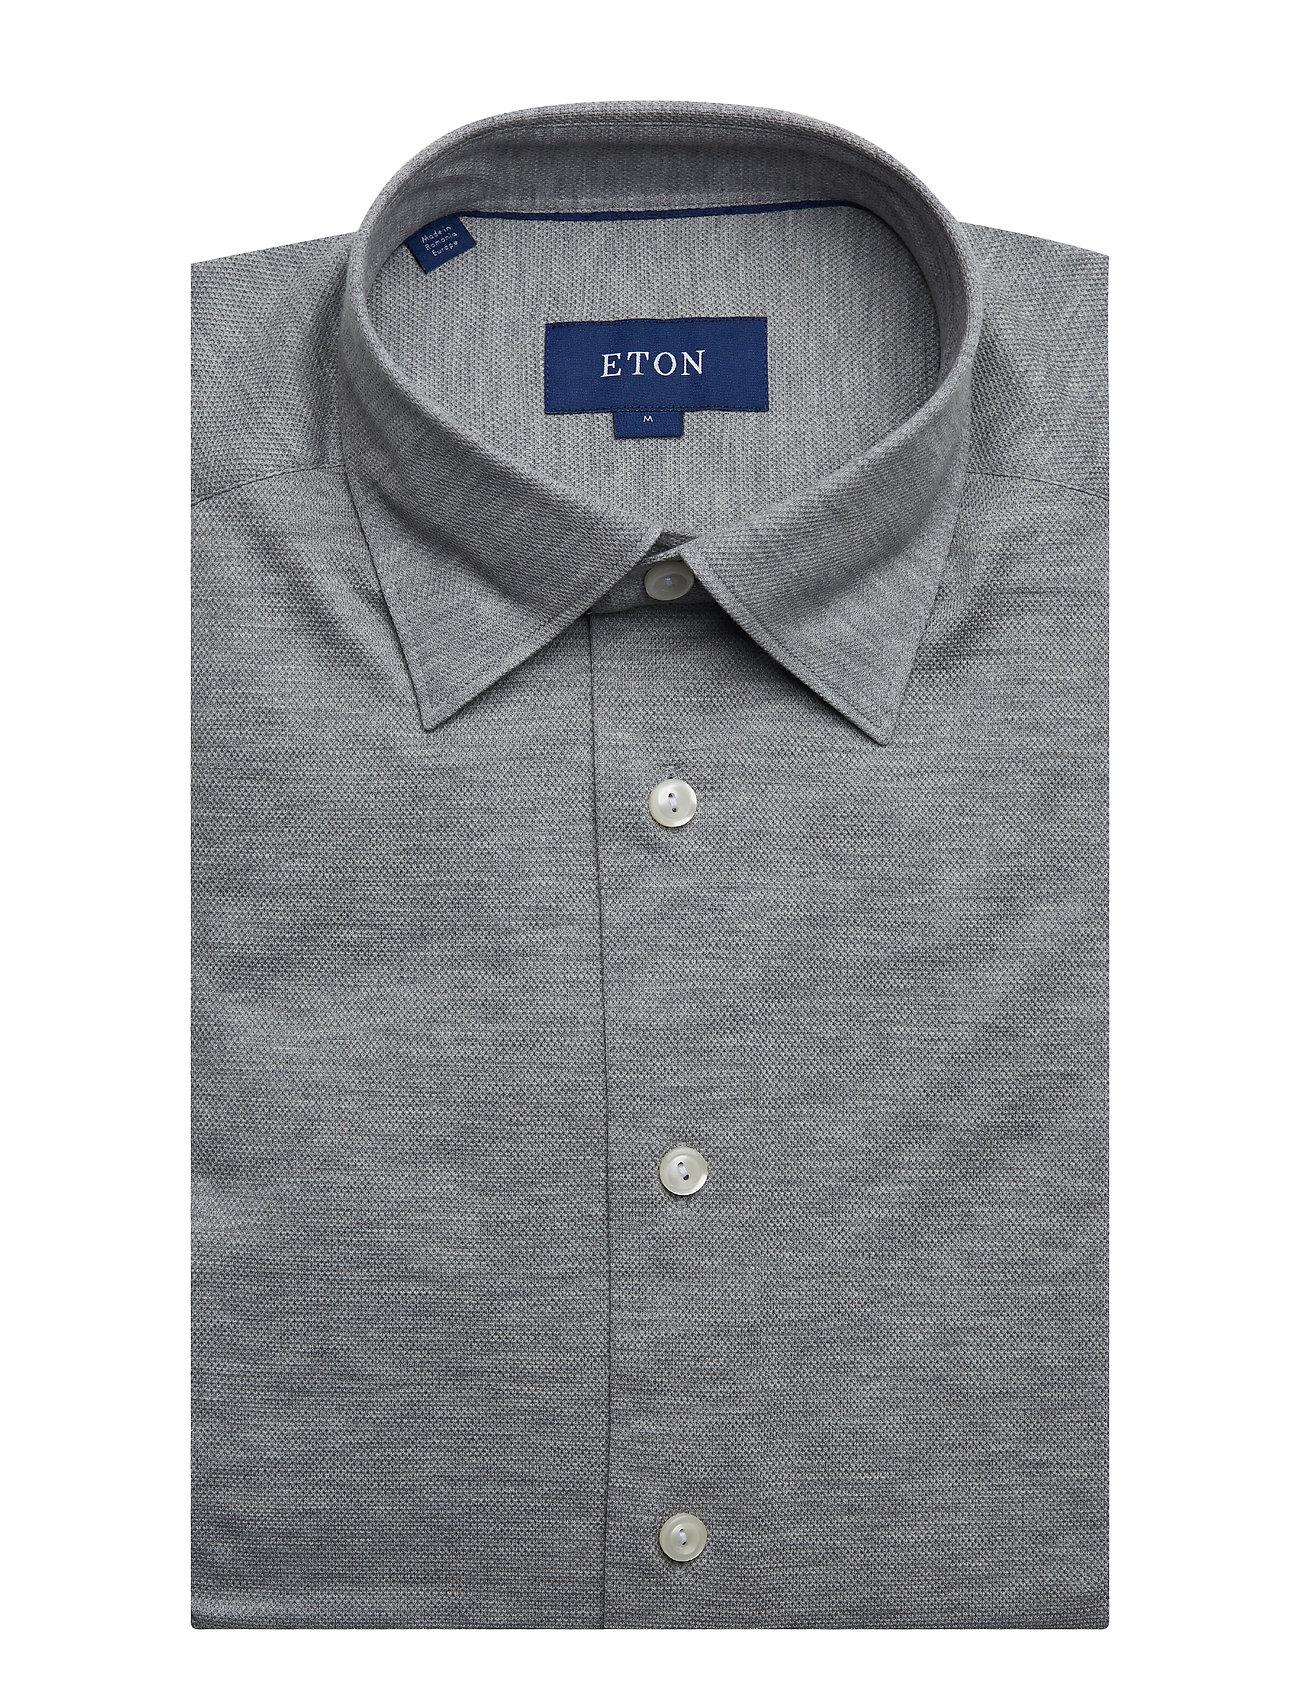 Eton Polo shirt - long sleeved - Skjorter GREY - Menn Klær